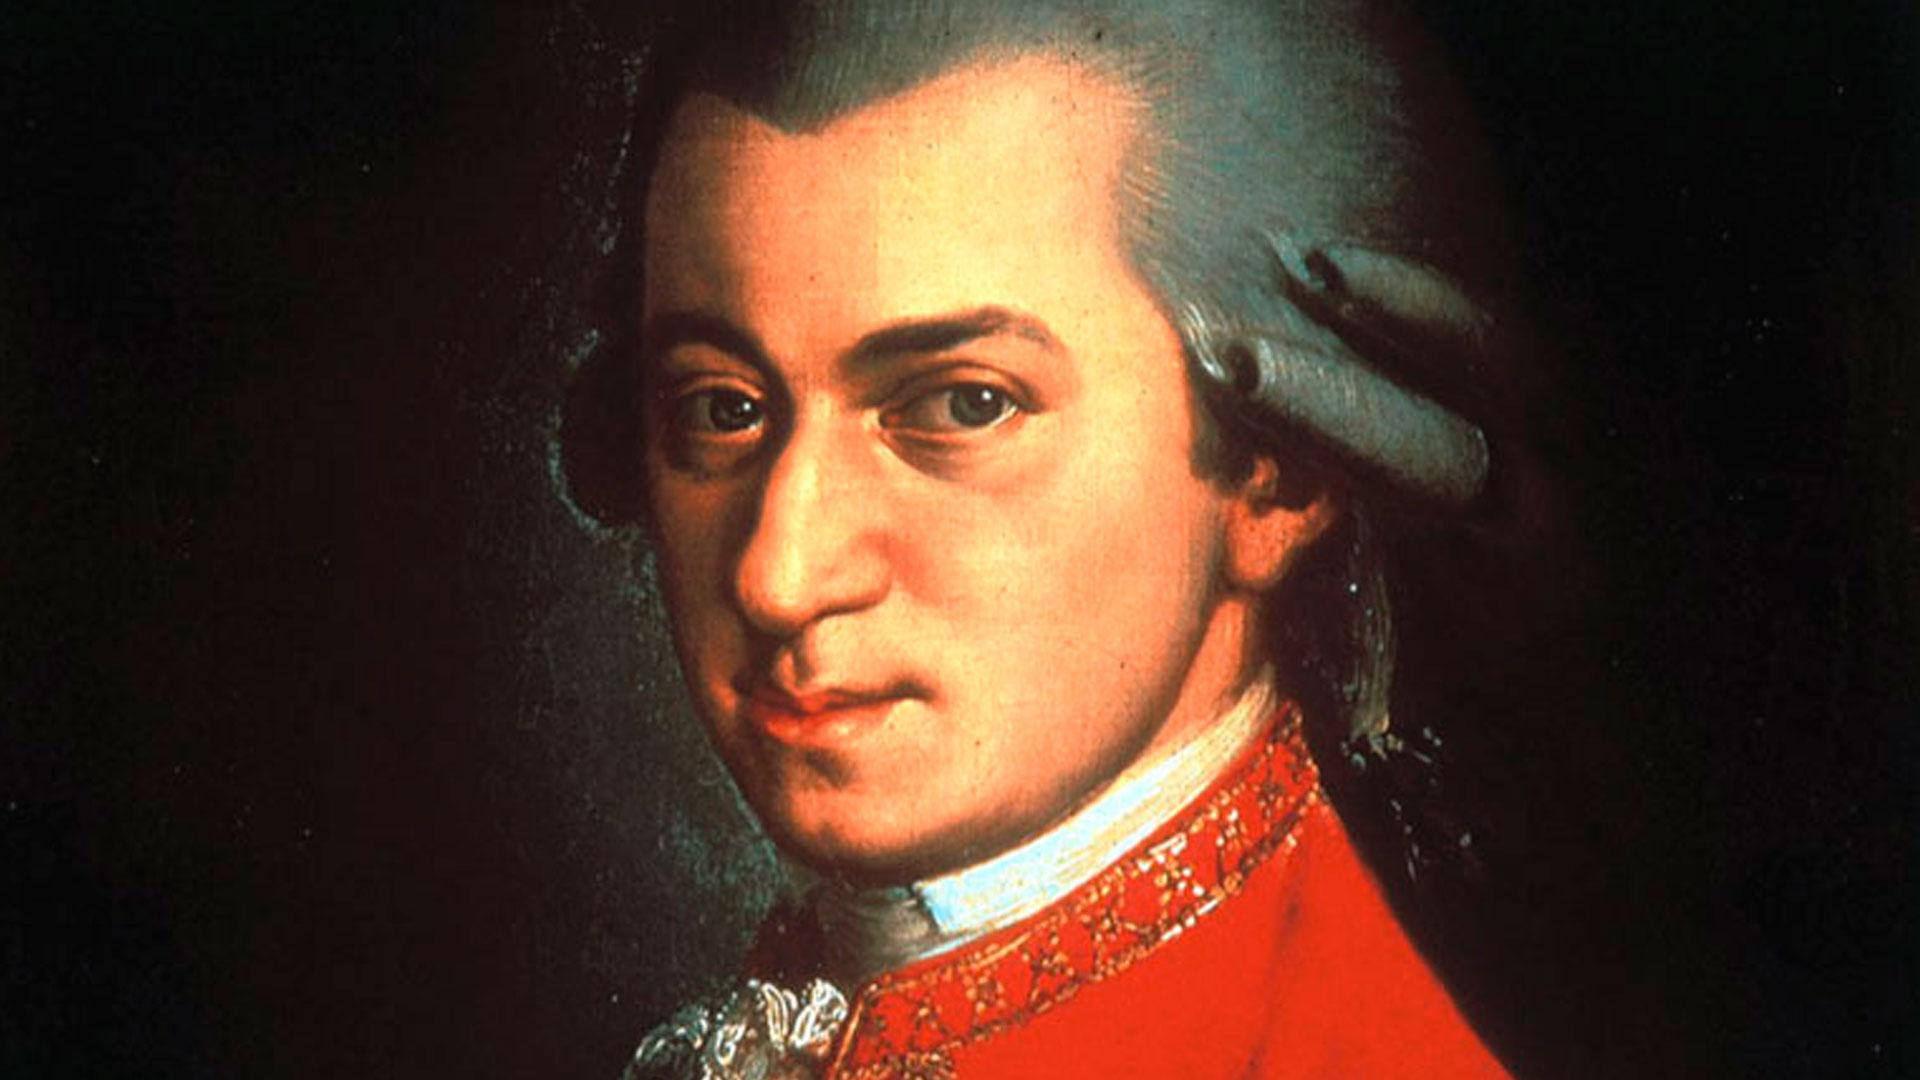 Obras de Mozart, Auerbach, Rosinskij y Shostakóvich en el concierto del Ciclo de Cámara y Lied en Pontevedra